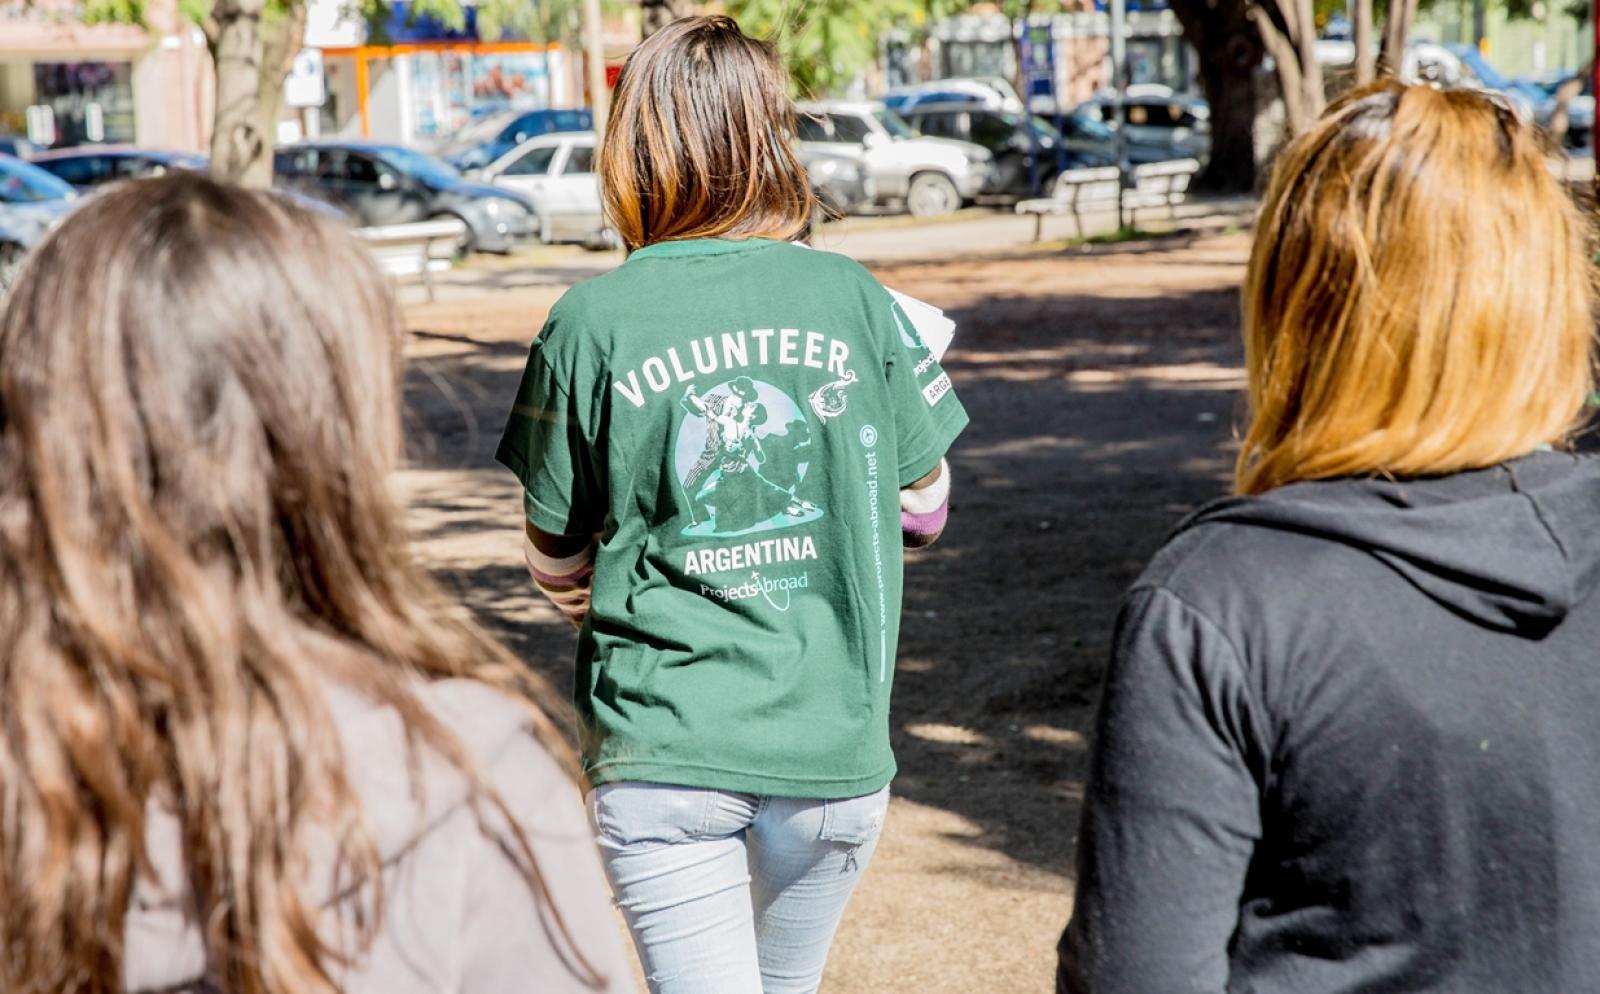 高校生ボランティアがアルゼンチンで人権保護キャンペーン運営に努める